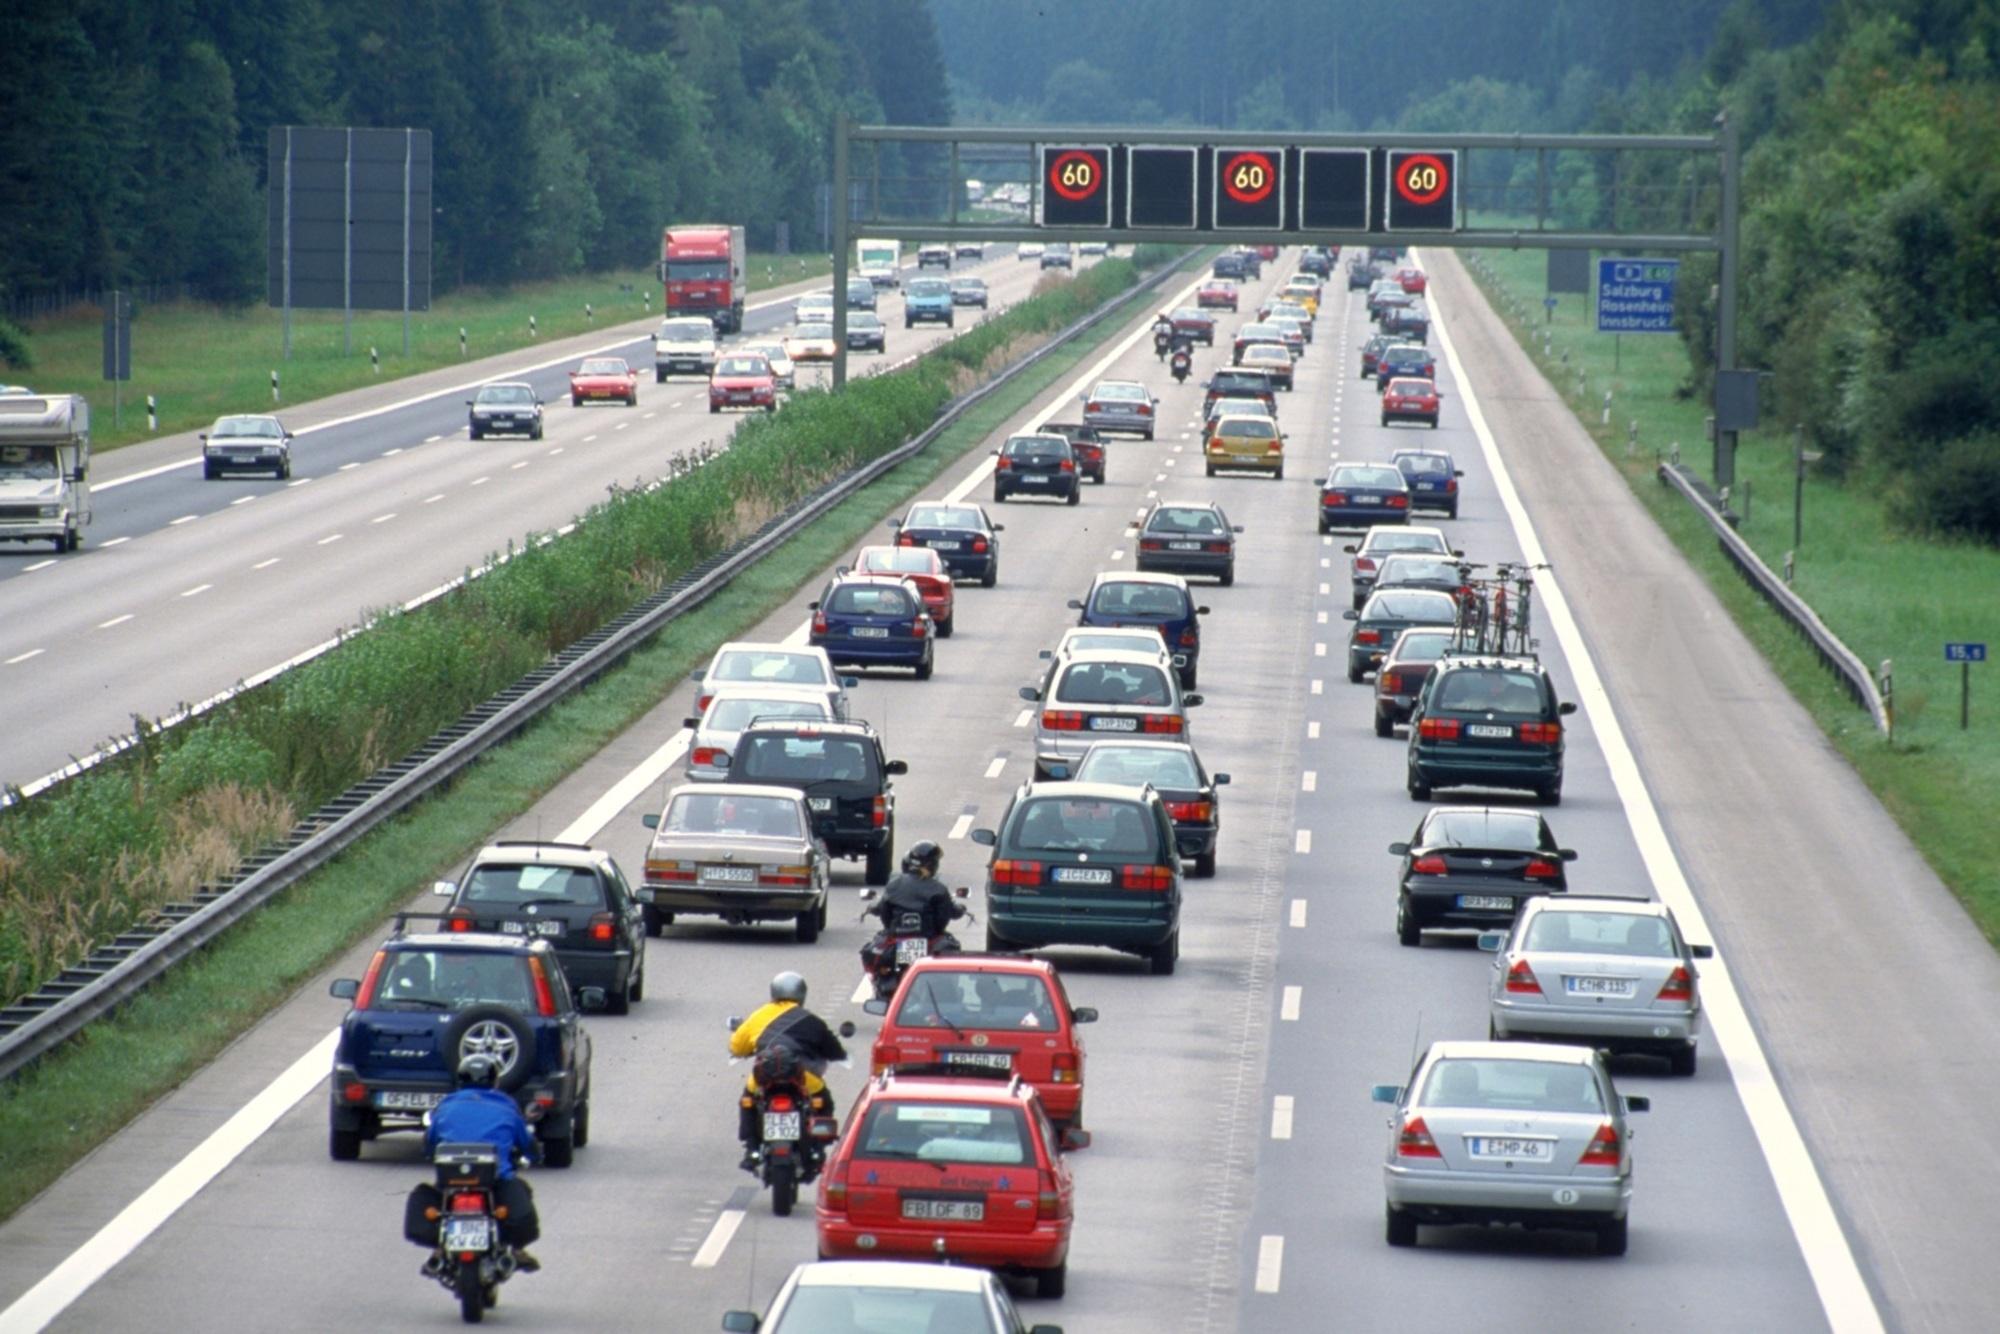 Fahrzeiten für Pendler - Der Weg zur Arbeit dauert immer länger